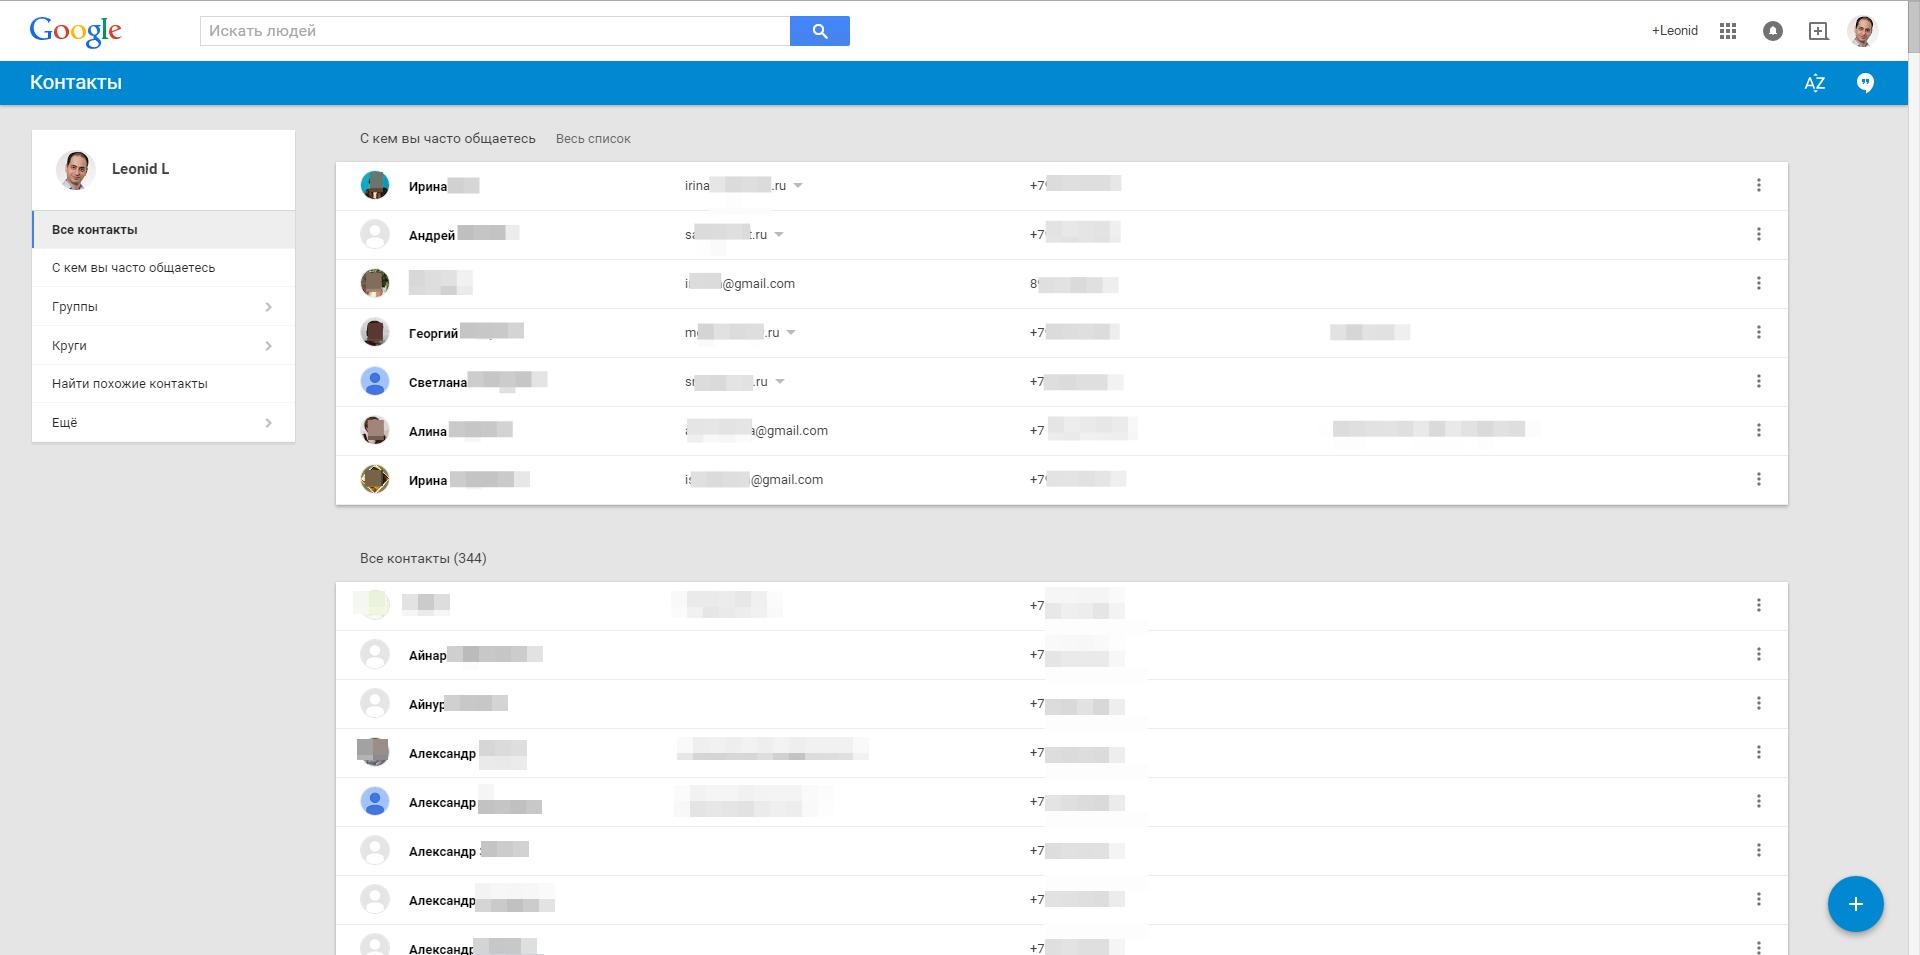 Гугл обновил приложение Контакты в интерфейсе GMail - 8